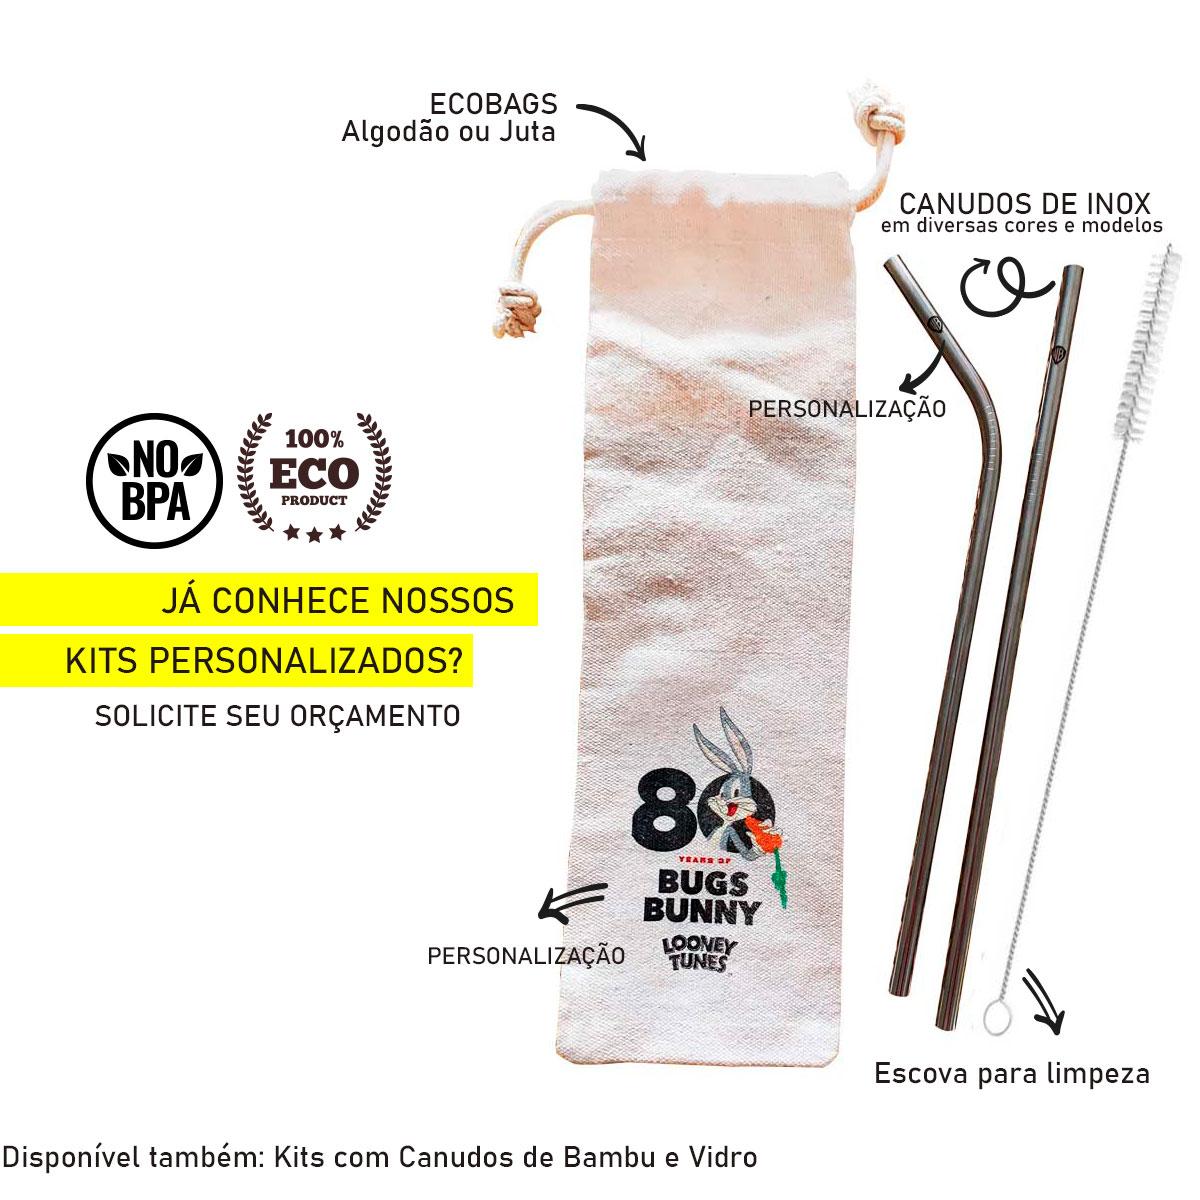 Kit 6 em 1 - 4 Canudos de Inox (Shake 12mm) + Escova + Ecobag